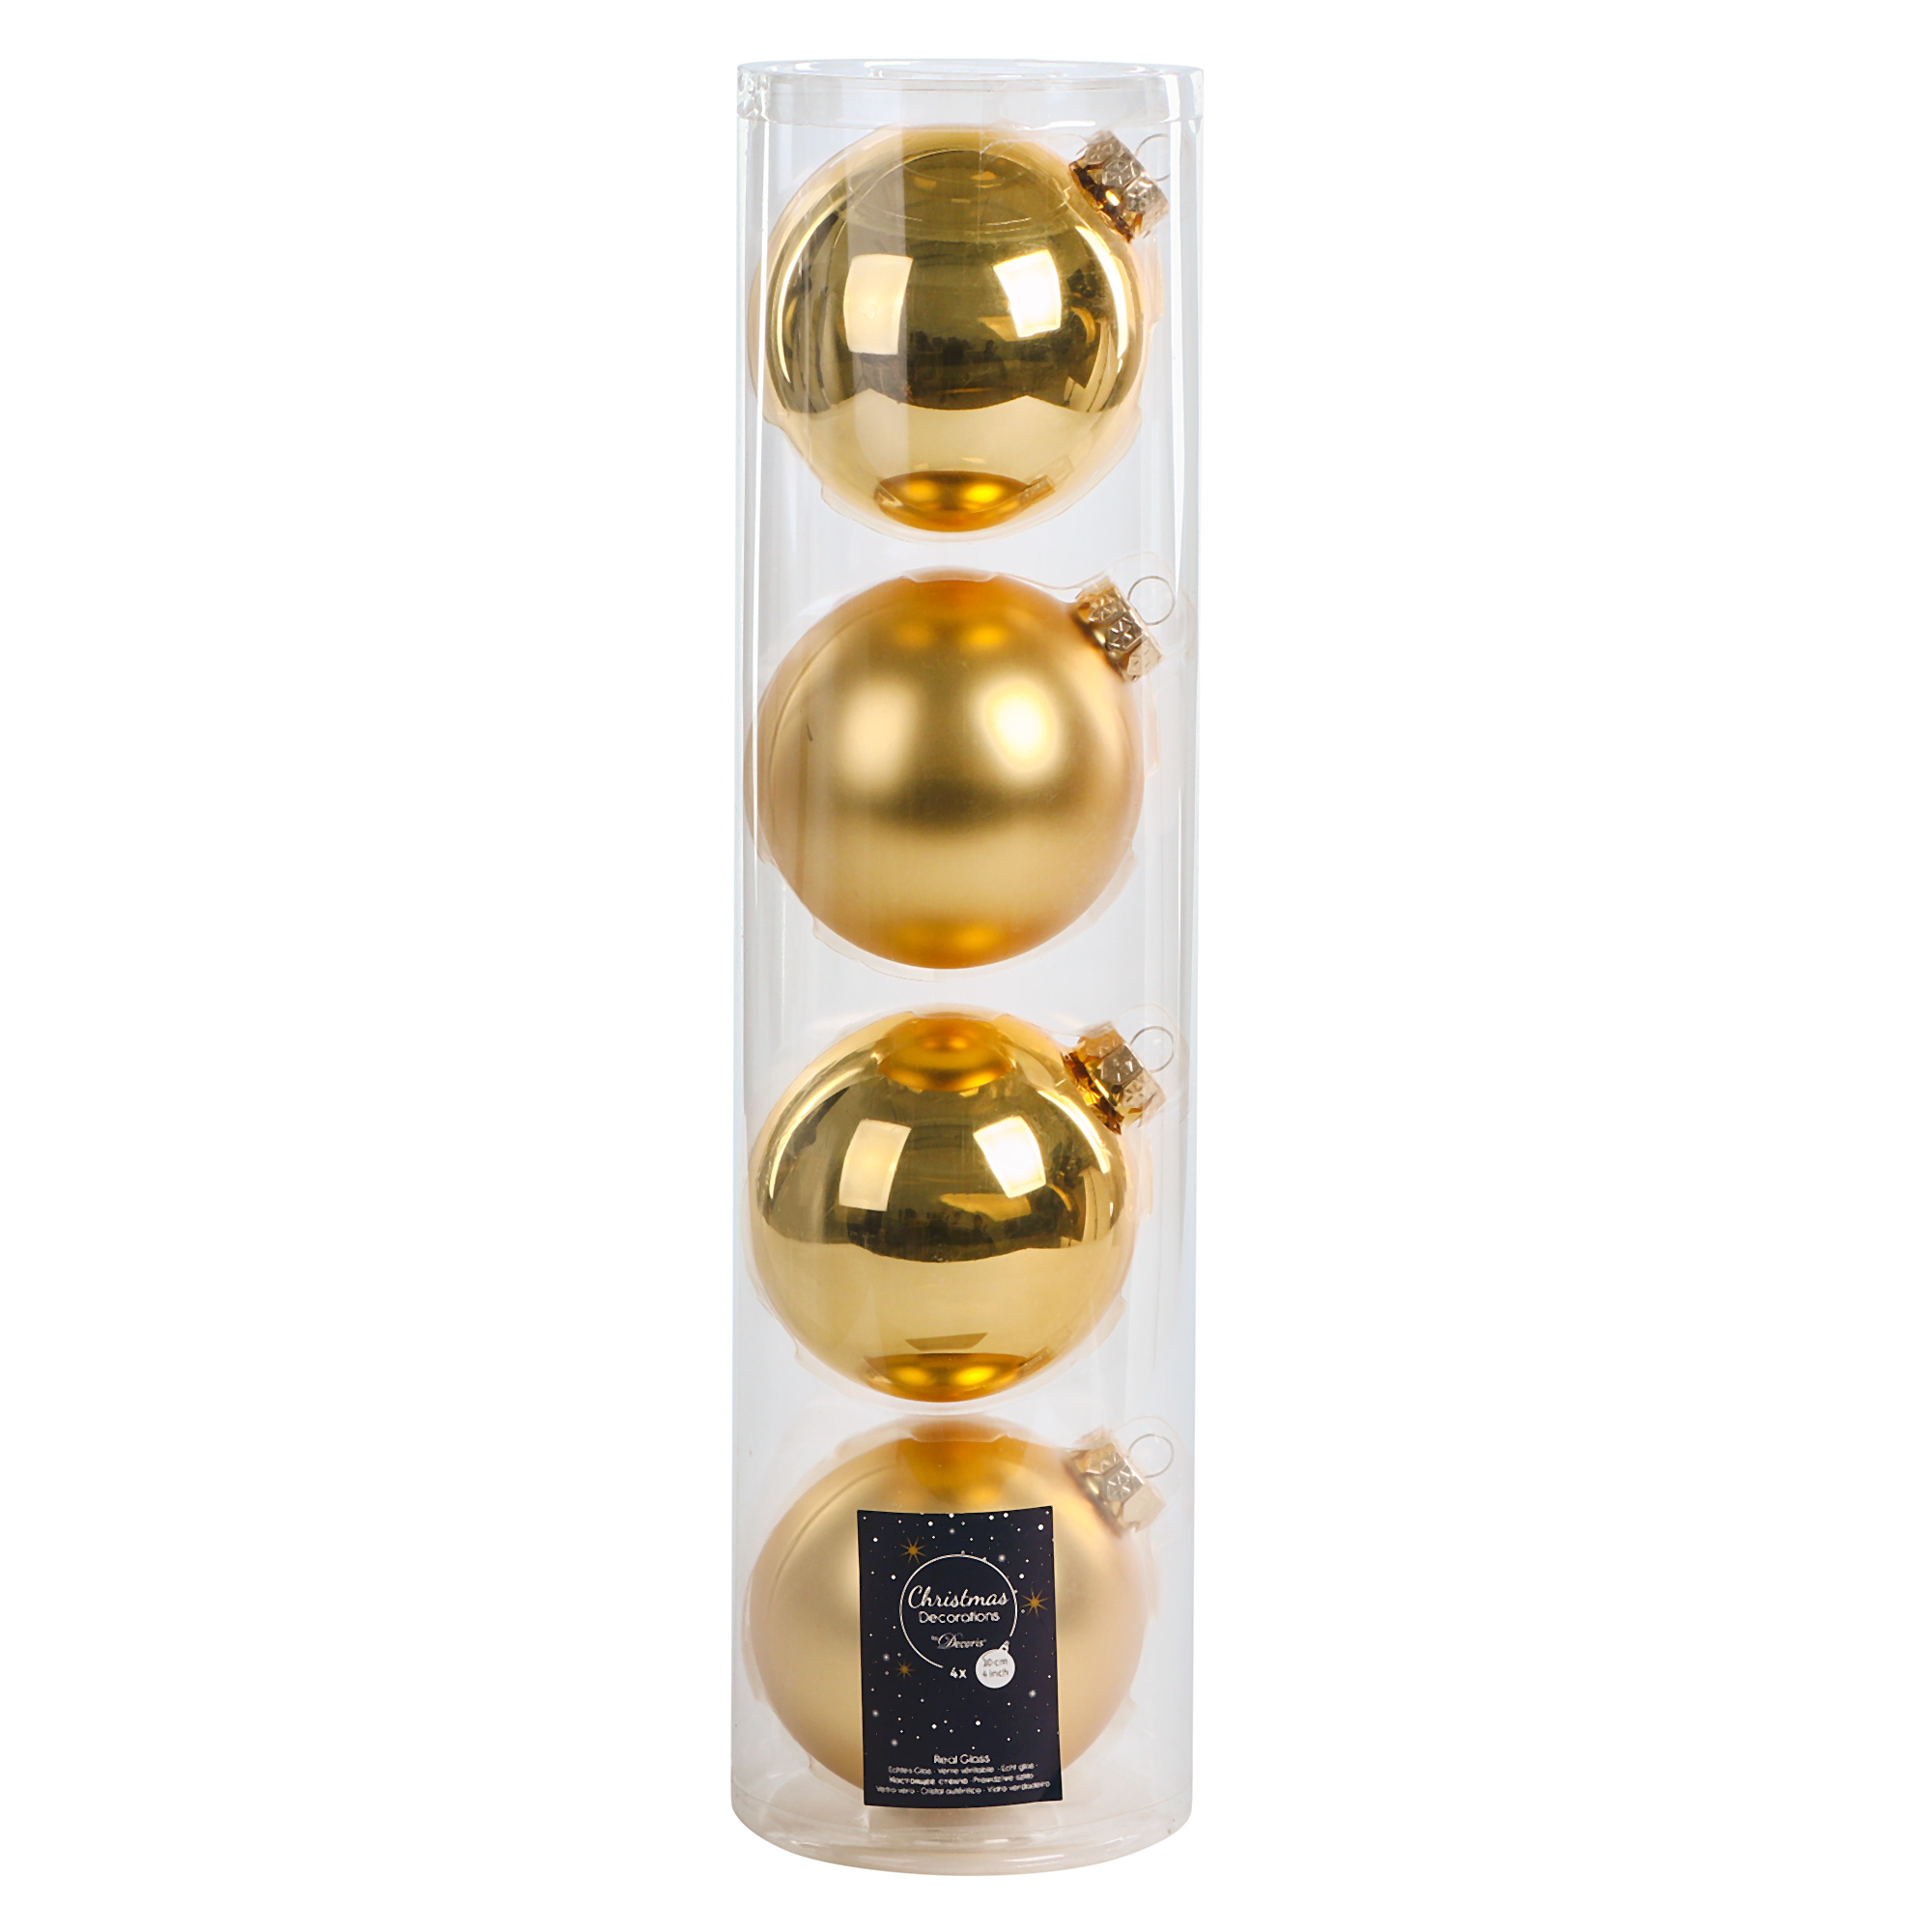 Набор шаров в тубе Kaemingk 10см 4шт золотое стекло набор шаров в тубе kaemingk 6см 10шт бордо стекло